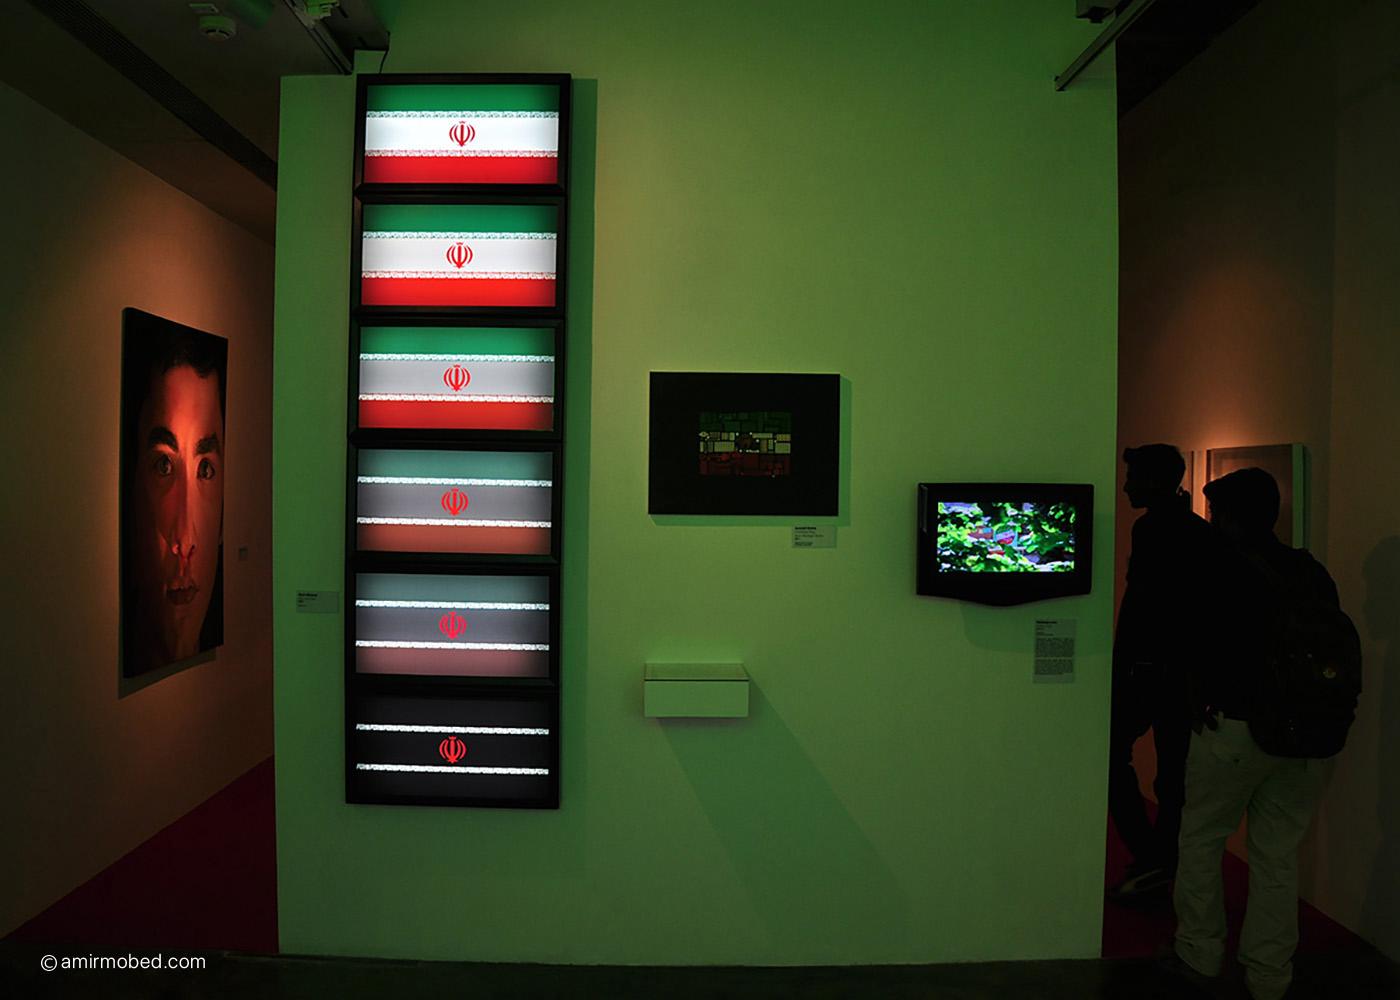 پرچم، ۱۳۸۵، دیجیتال مدیا، ابعاد: ۱۲۰ × ۶۸